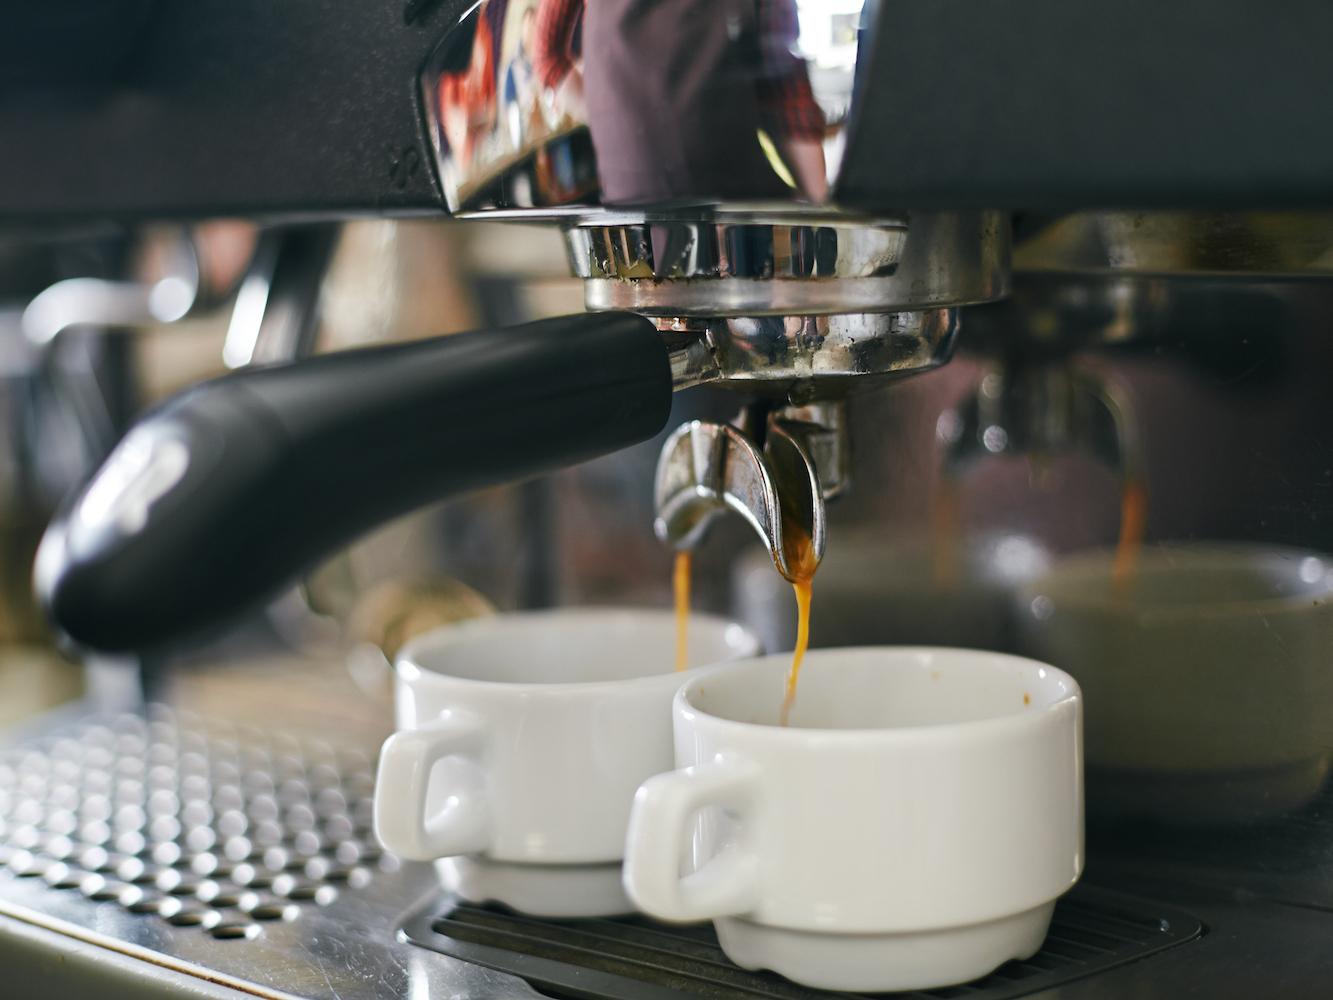 Verser le café Espresso dans deux tasses en porcelaine